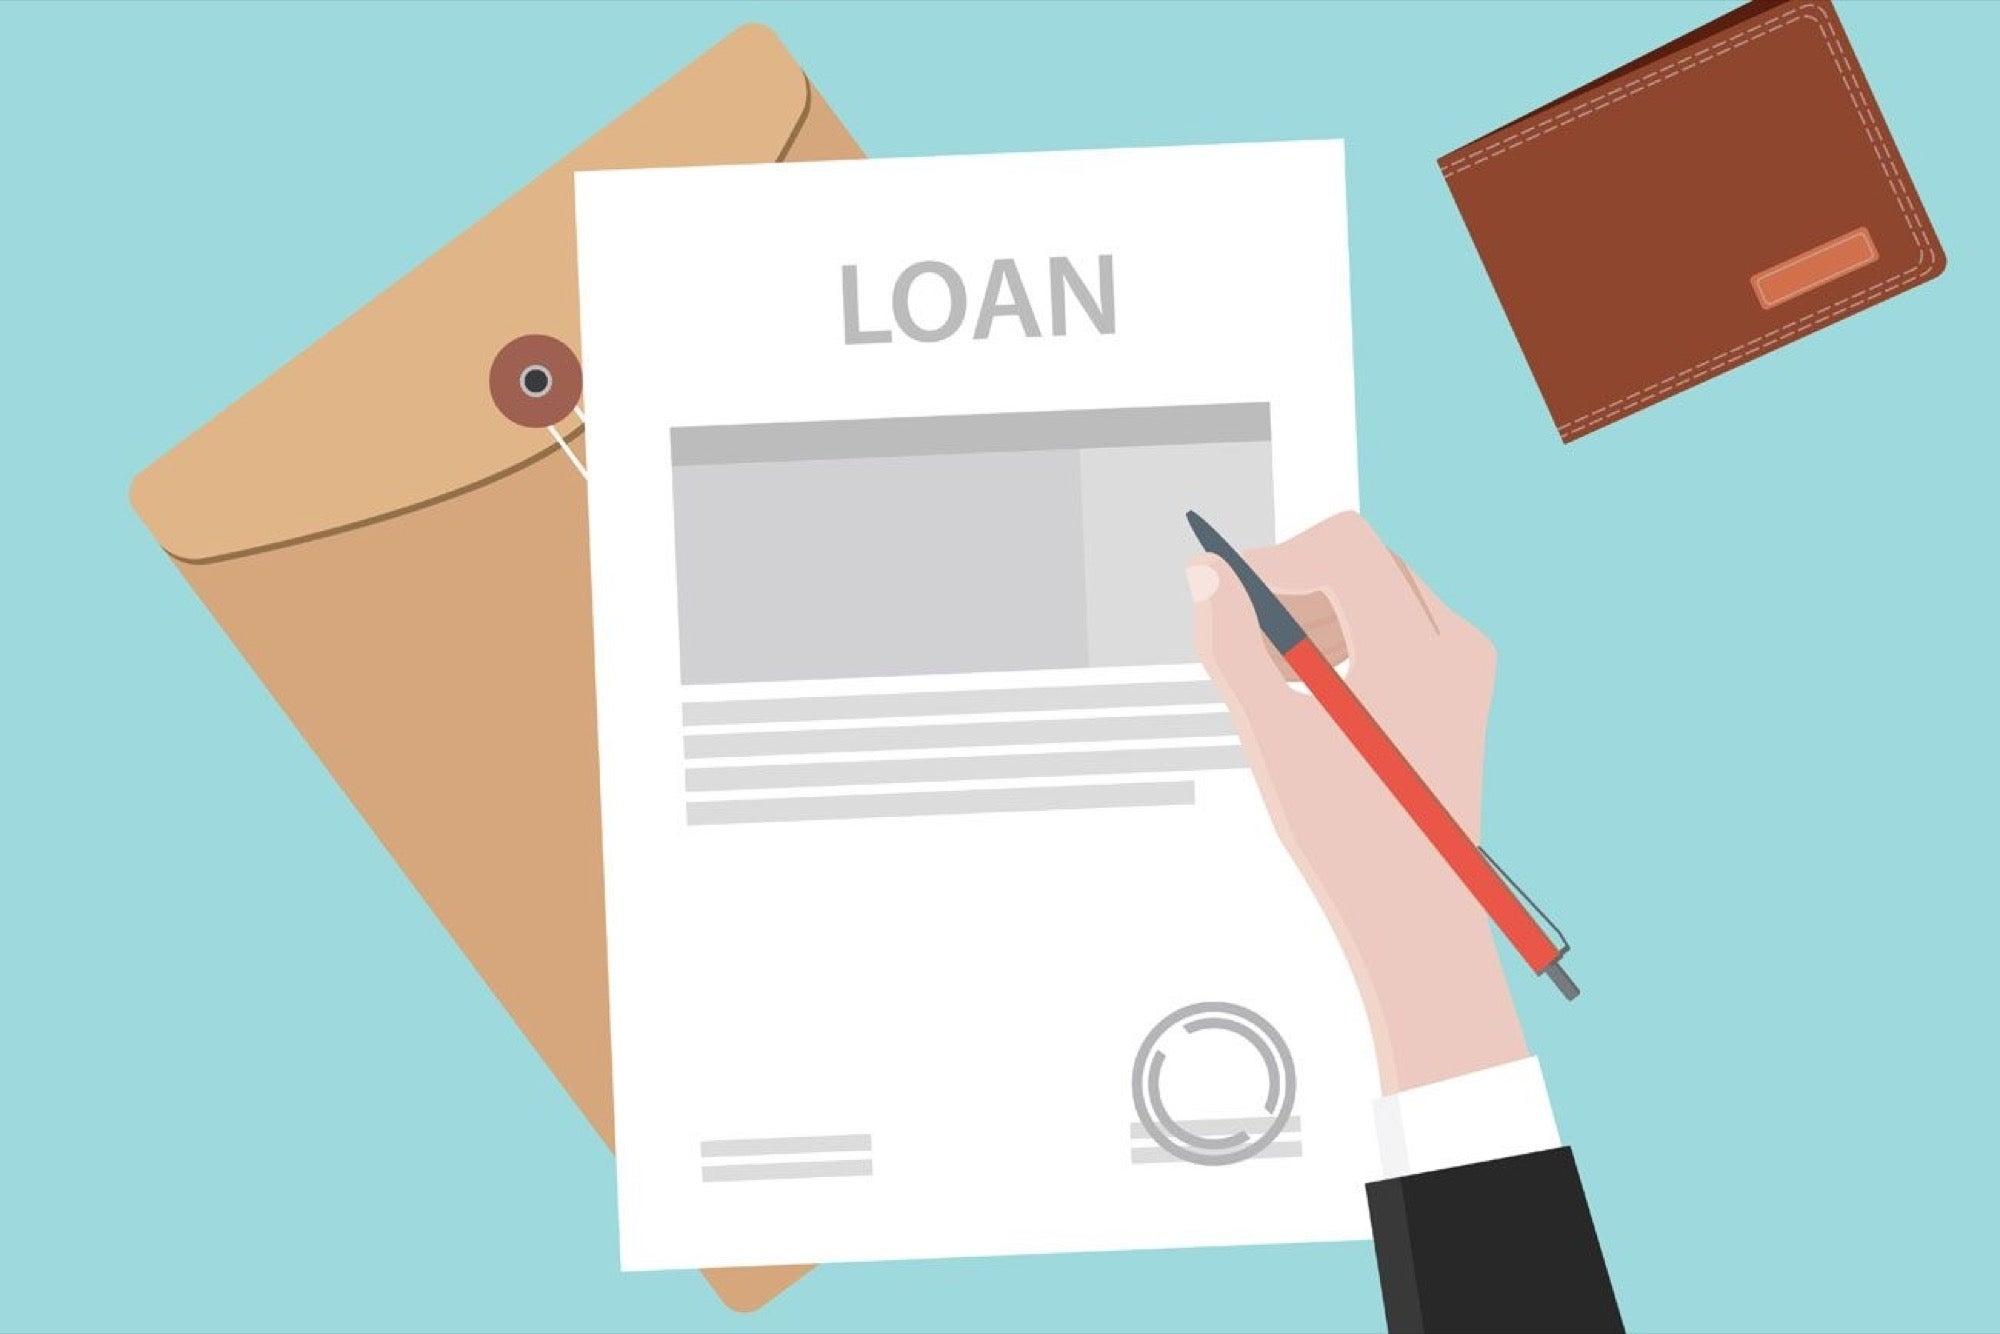 Investicijos į paskolas leidžia paprastai ir efektyviai įdarbinti savo pinigus.